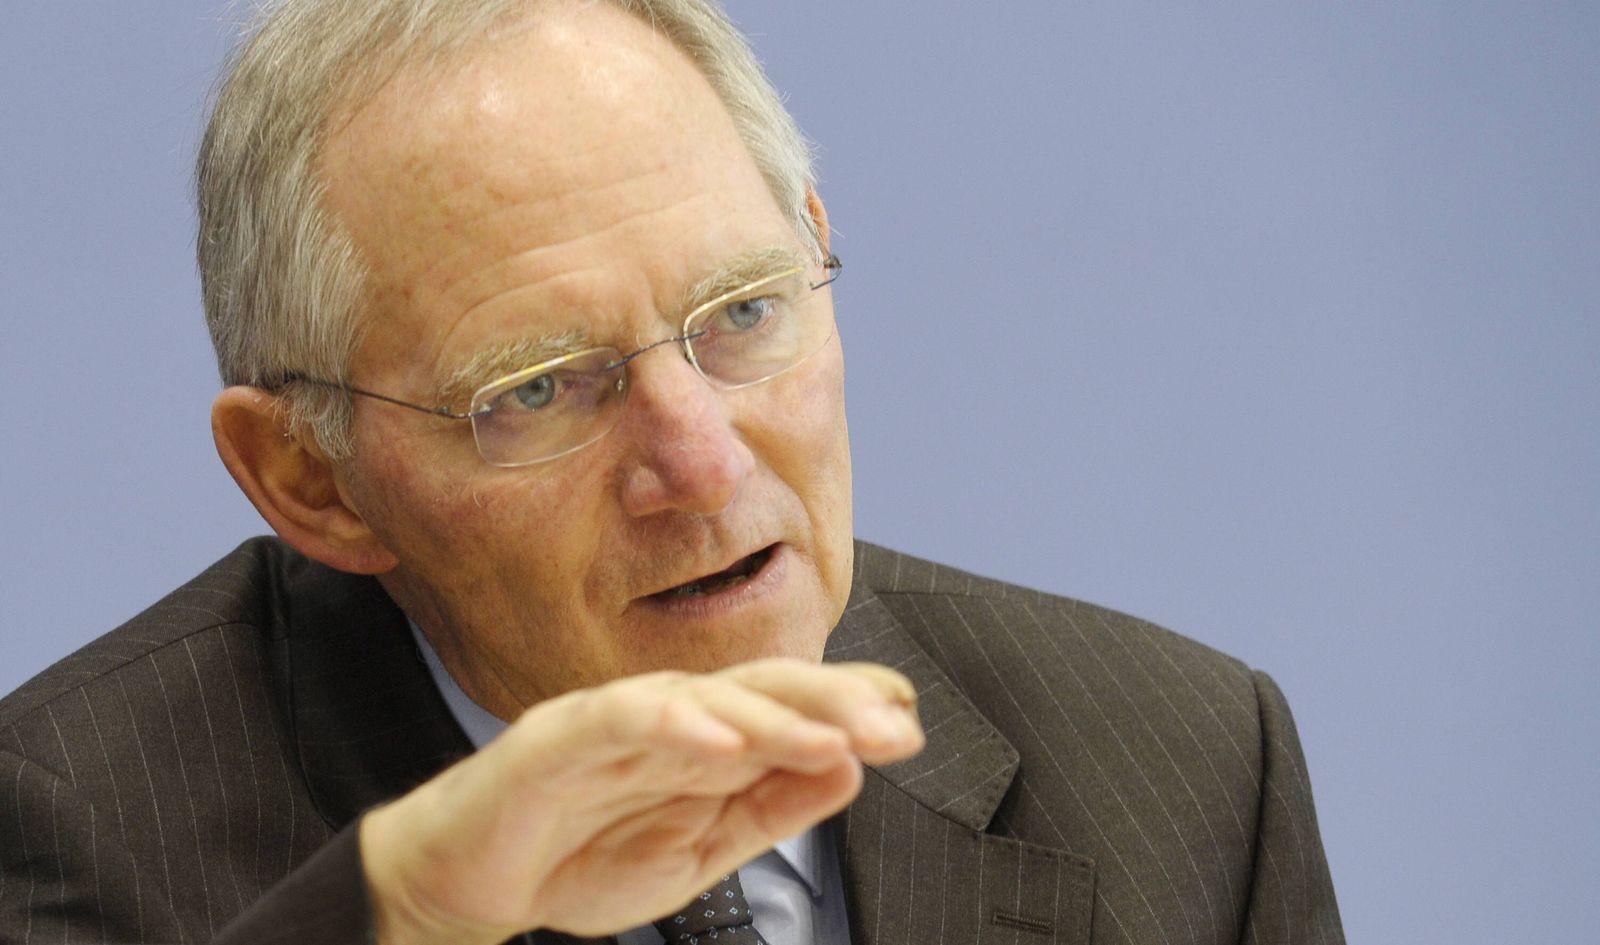 NICHT VERWENDEN Wolfgang Schäuble